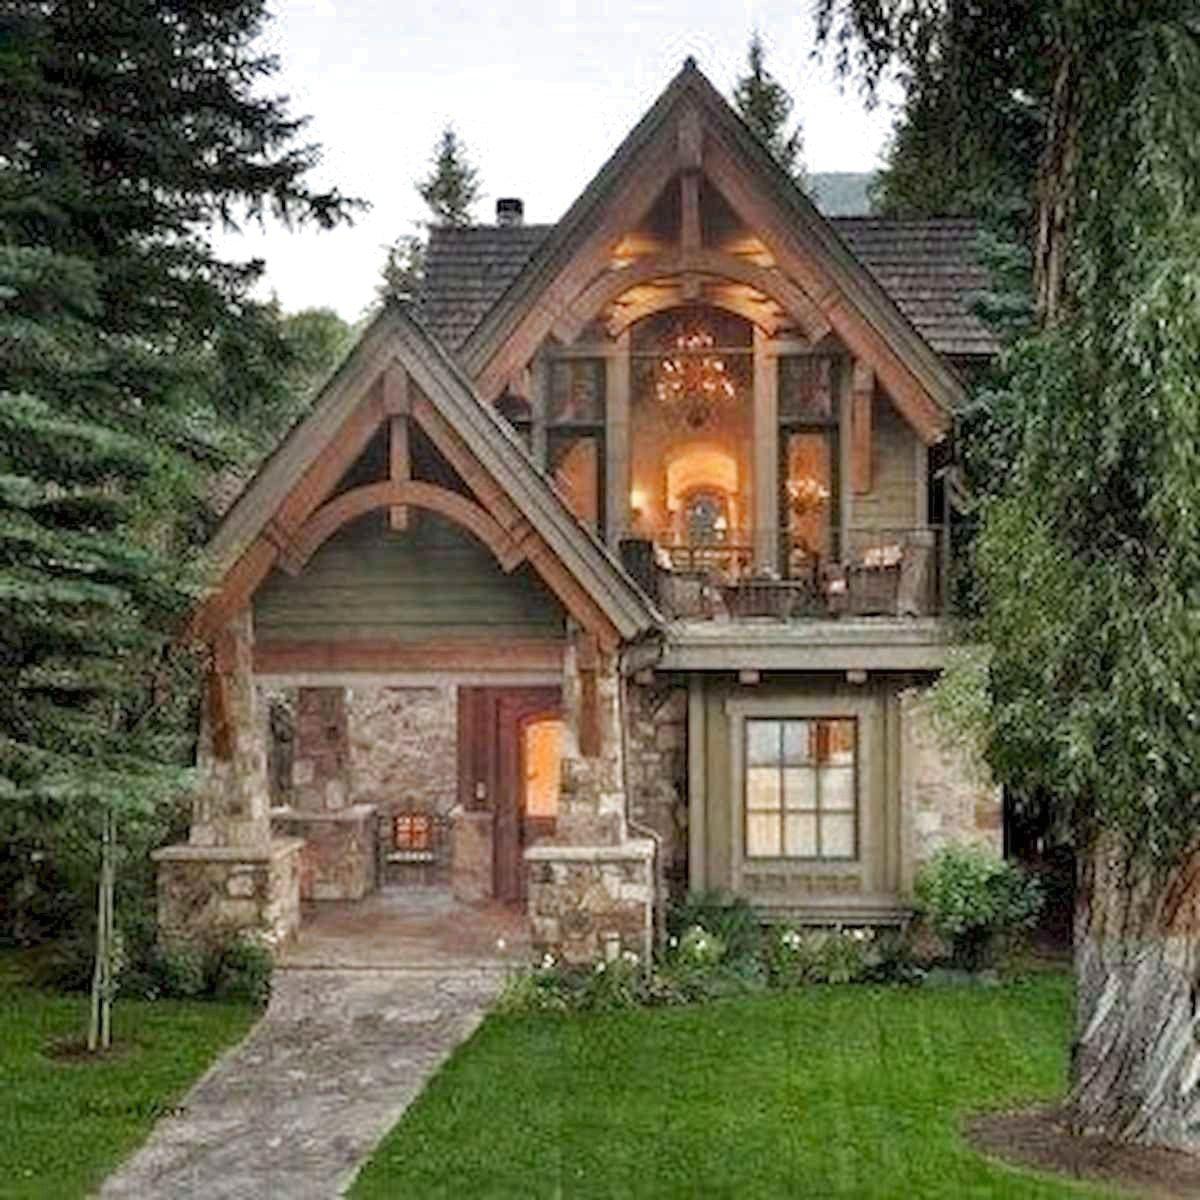 77 Favourite Log Cabin Homes Plans Design Ideas Small Cottage House Plans Small Cottage Homes Cottage House Plans